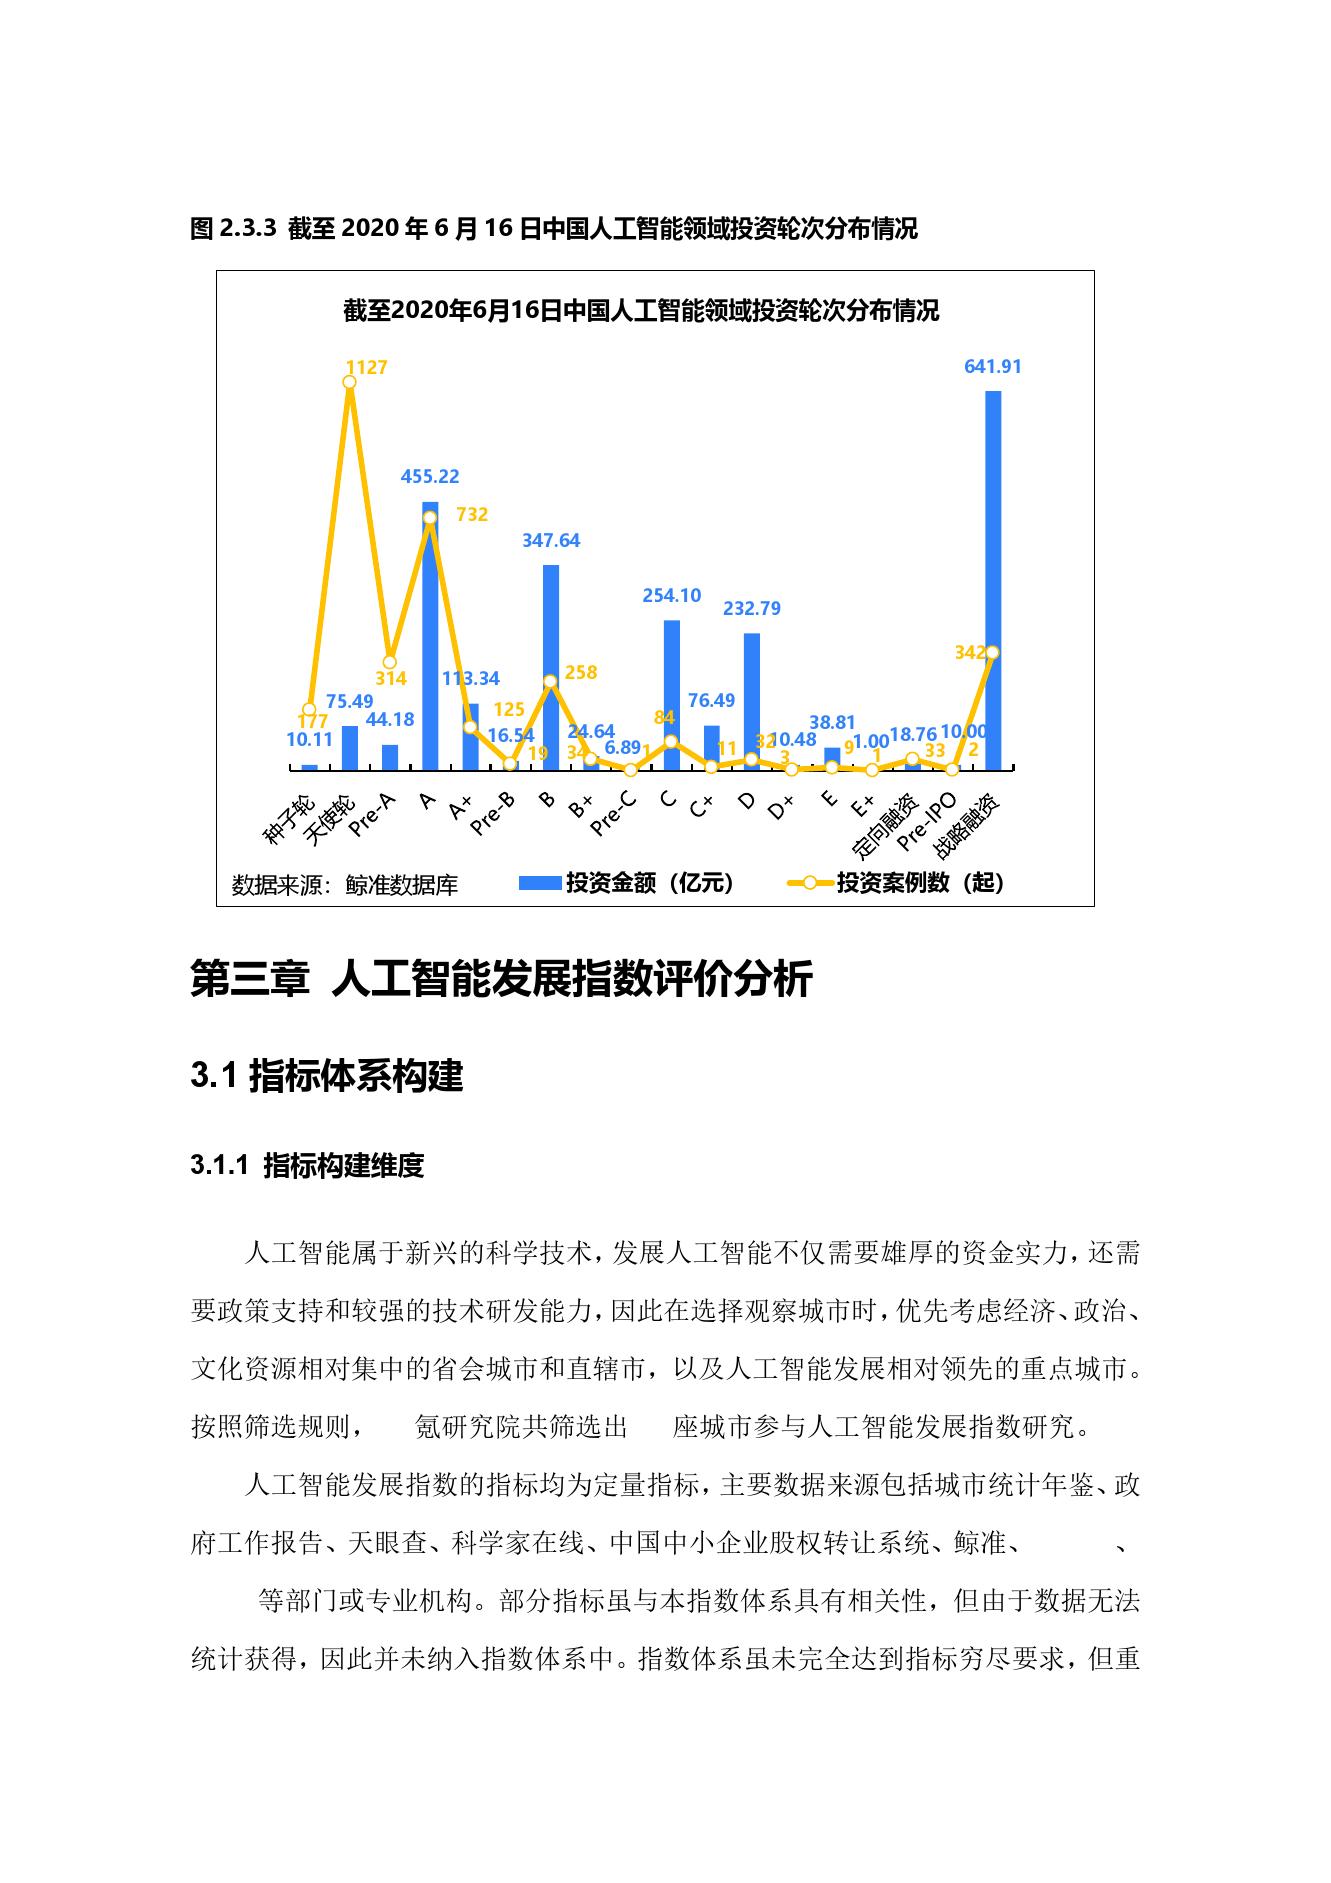 36氪研究院:2020年中国城市人工智能发展指数报告(可下载报告)插图(47)